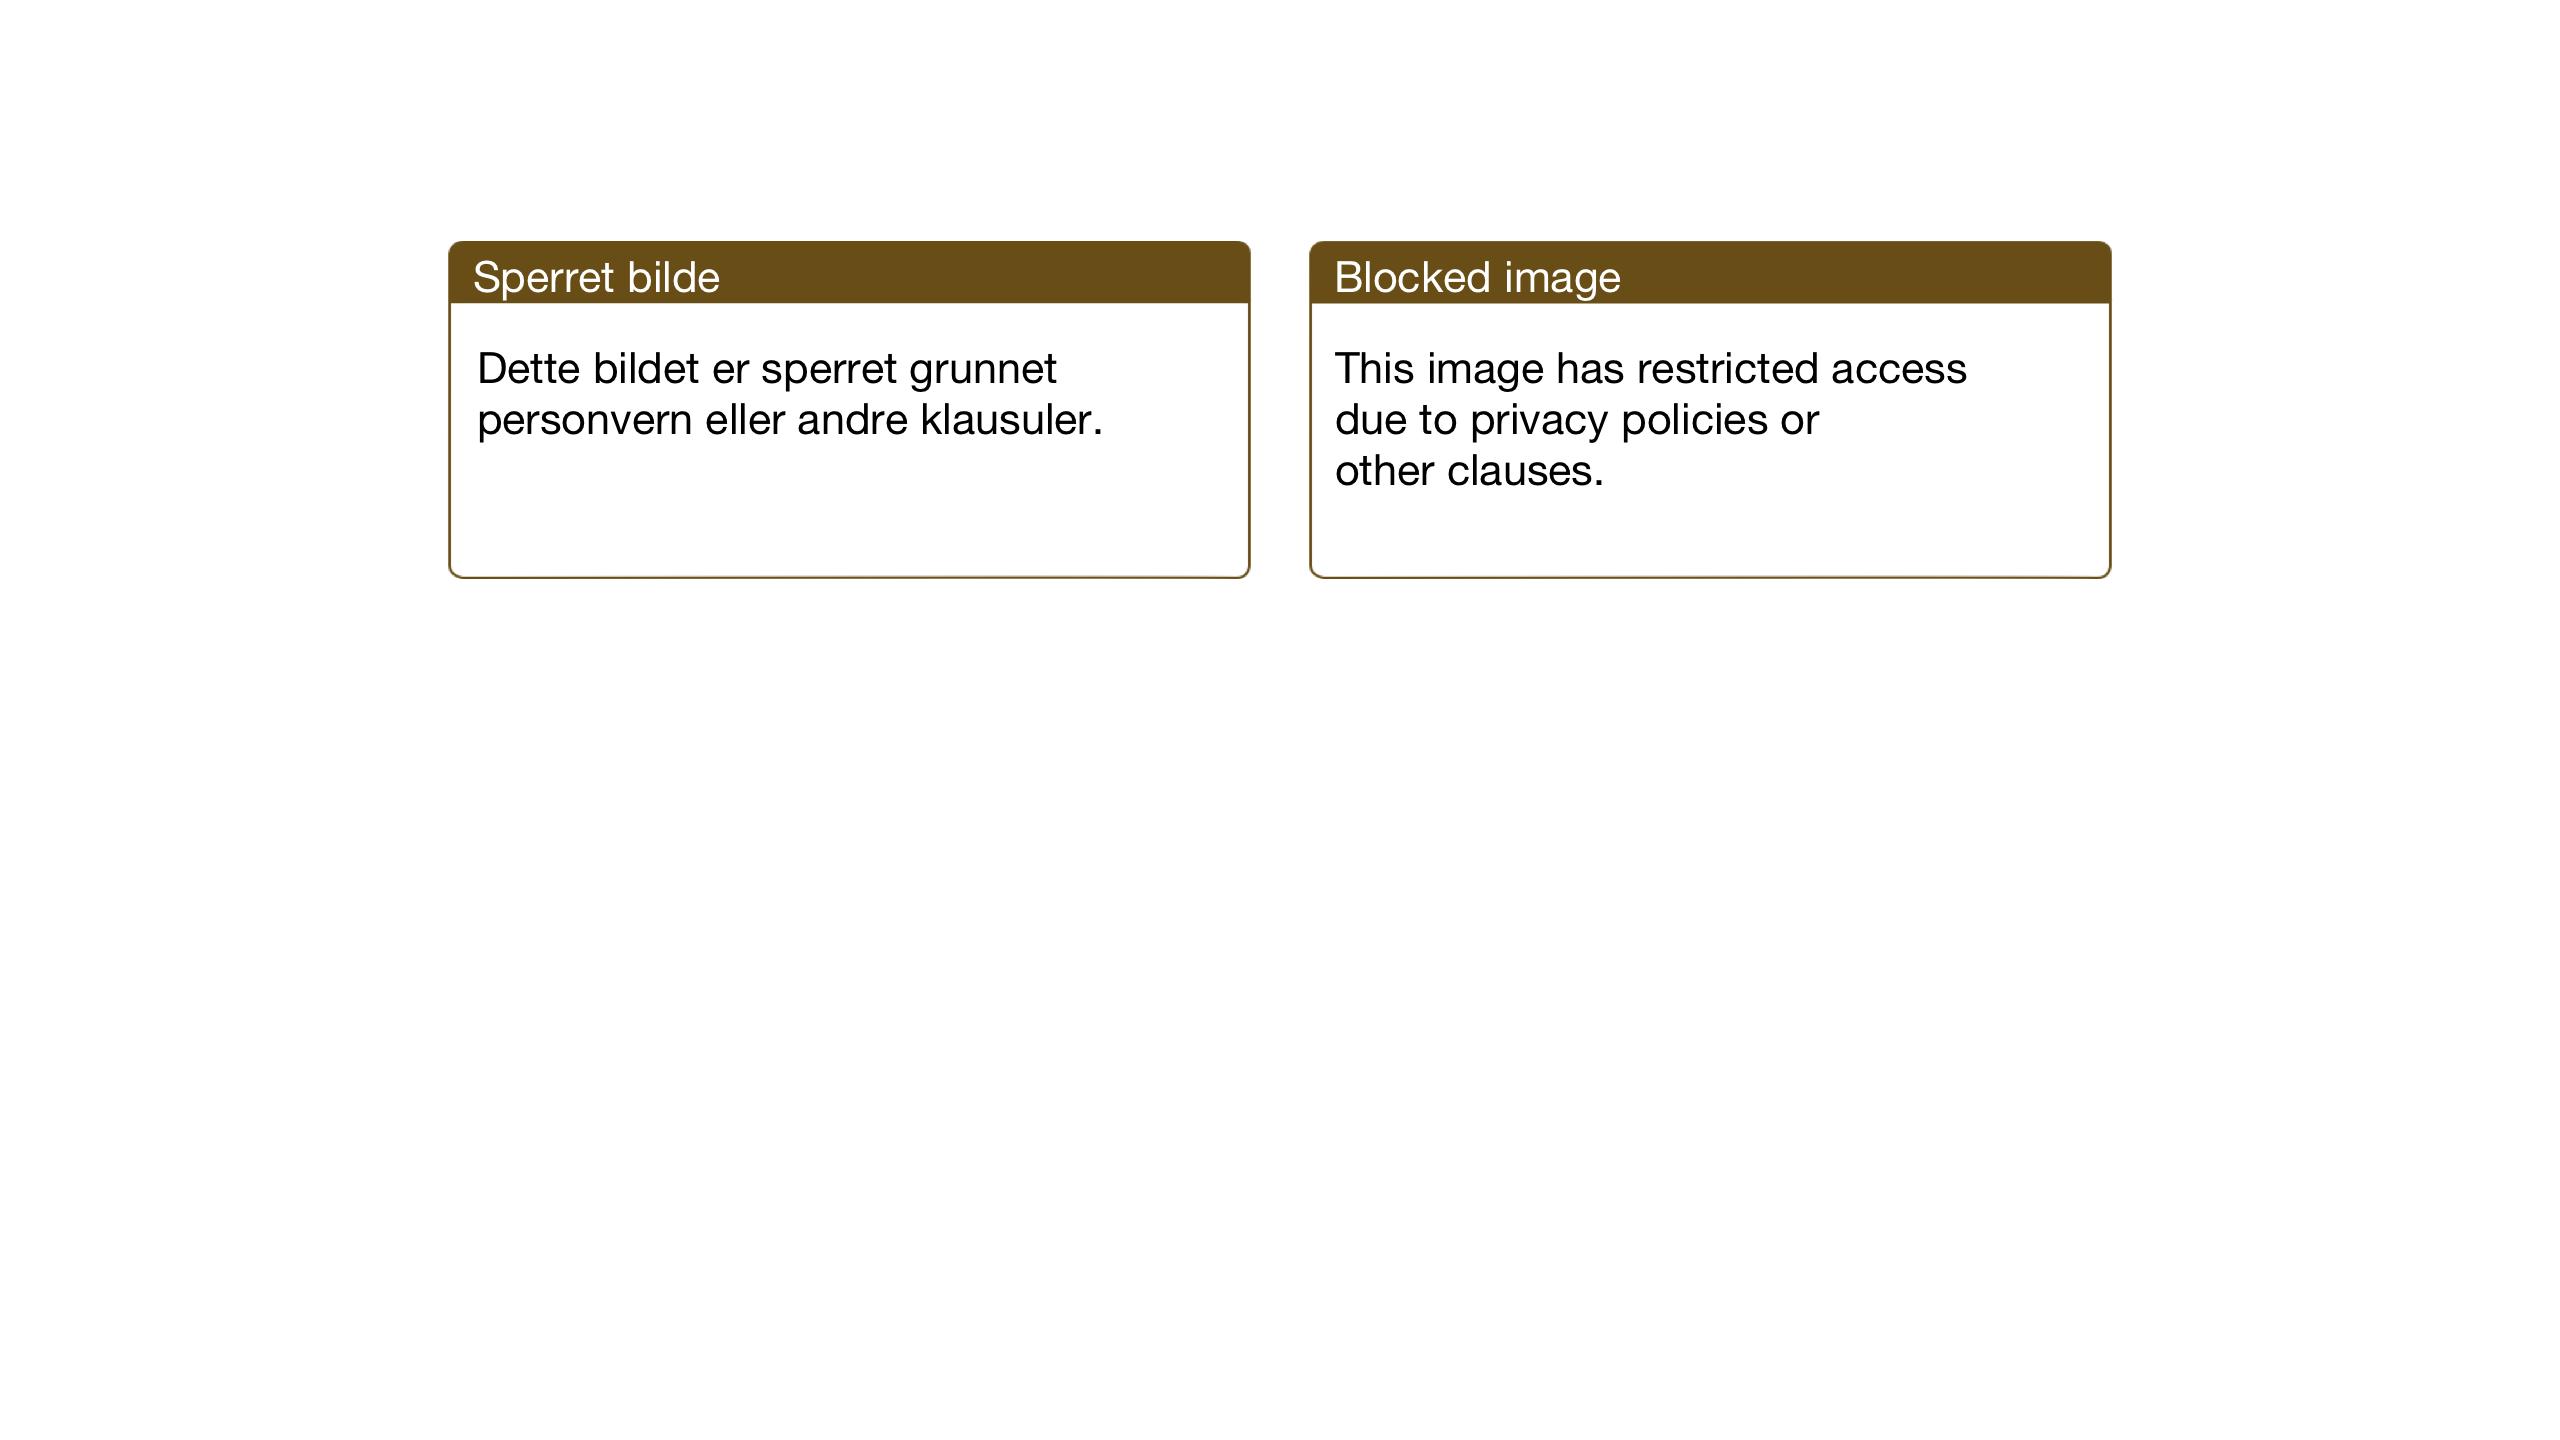 SAT, Ministerialprotokoller, klokkerbøker og fødselsregistre - Sør-Trøndelag, 681/L0944: Klokkerbok nr. 681C08, 1926-1954, s. 19